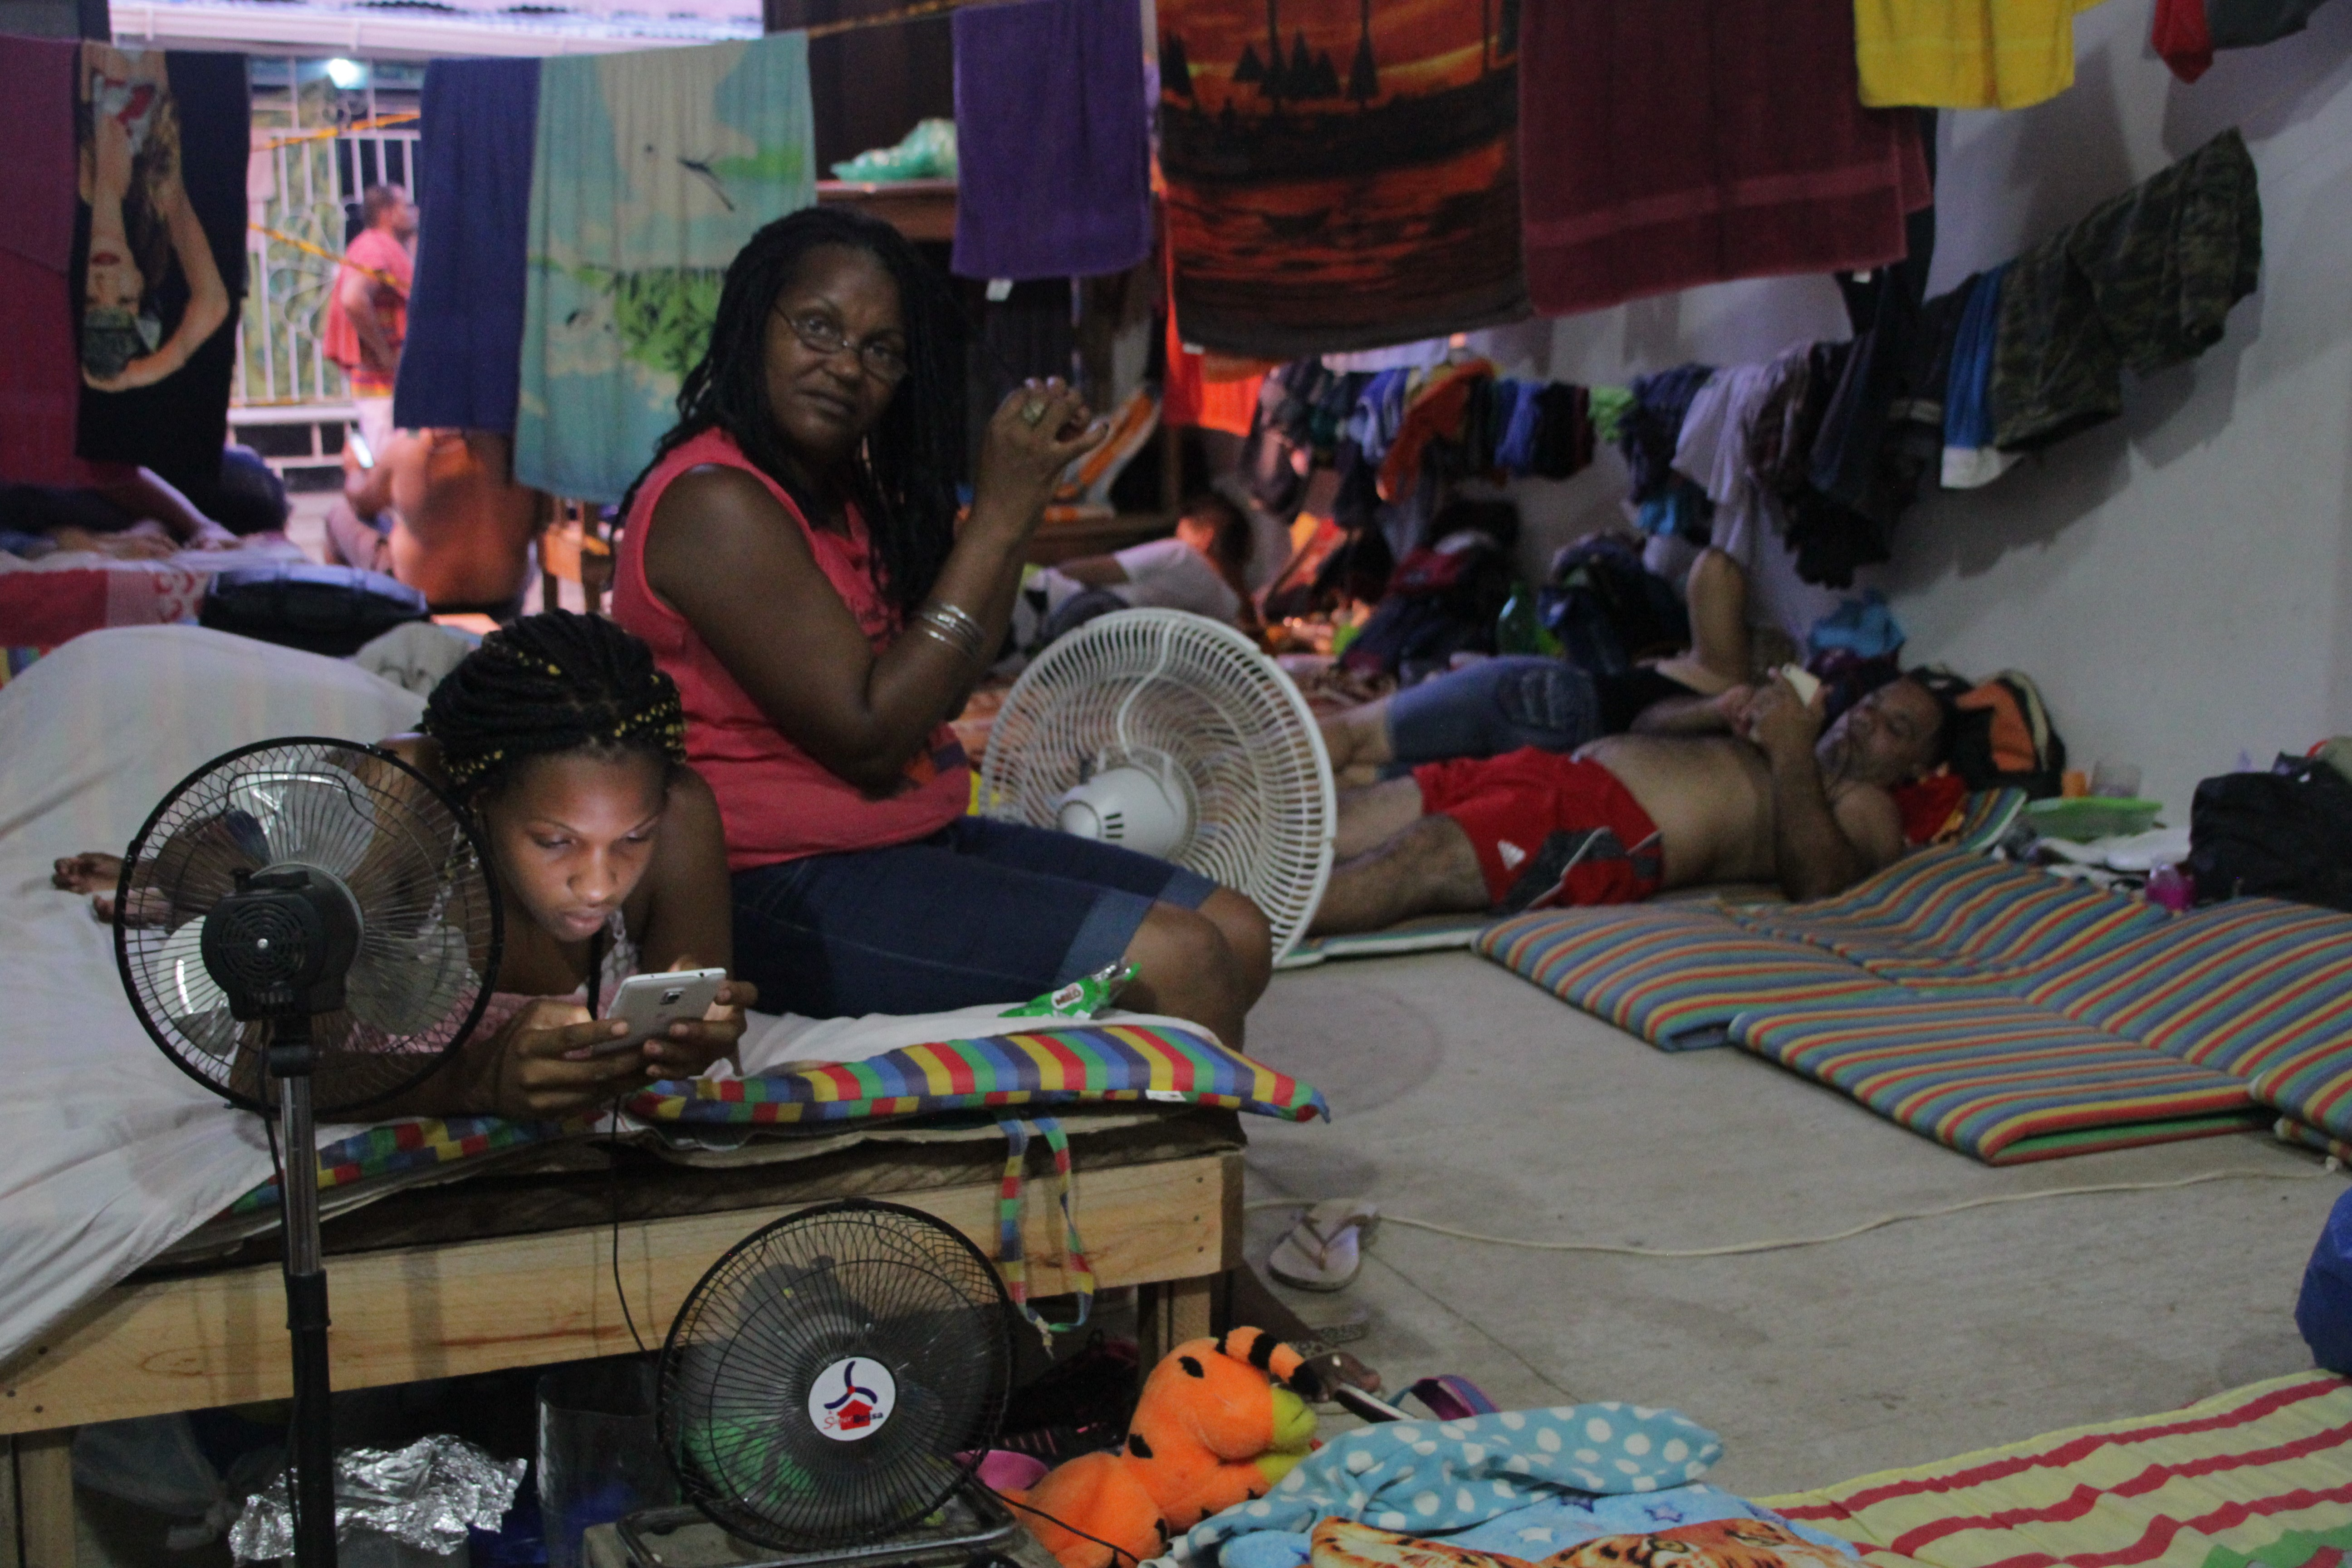 Les Cubains de l'entrepôt de Turbo sont menacés d'expulsion par le gouvernement colombien (© Jérôme Decoster).